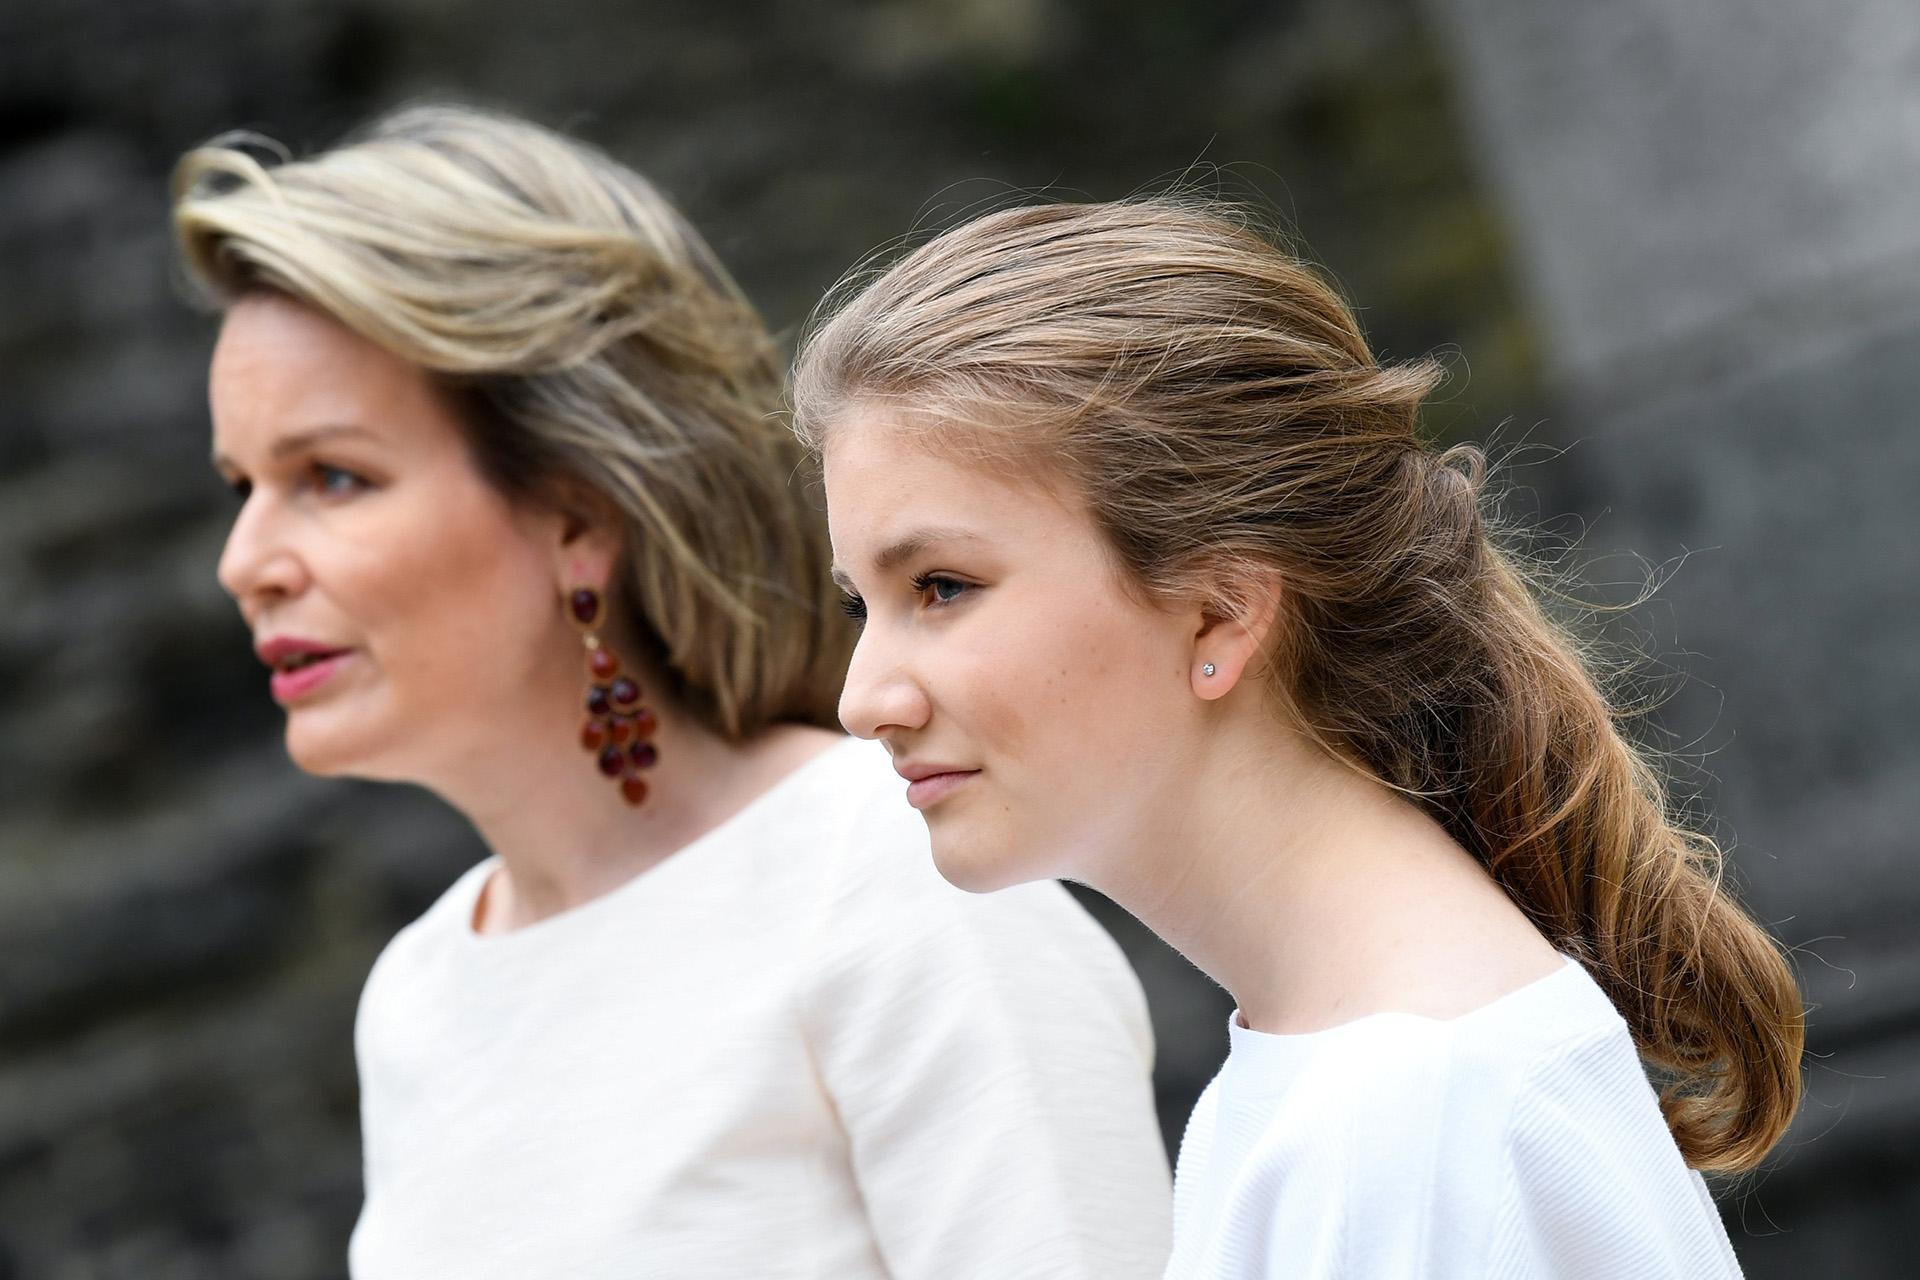 La princesa Elisabeth, de 17 años, es la duquesa de Brabante y es la heredera al trono de Bélgica